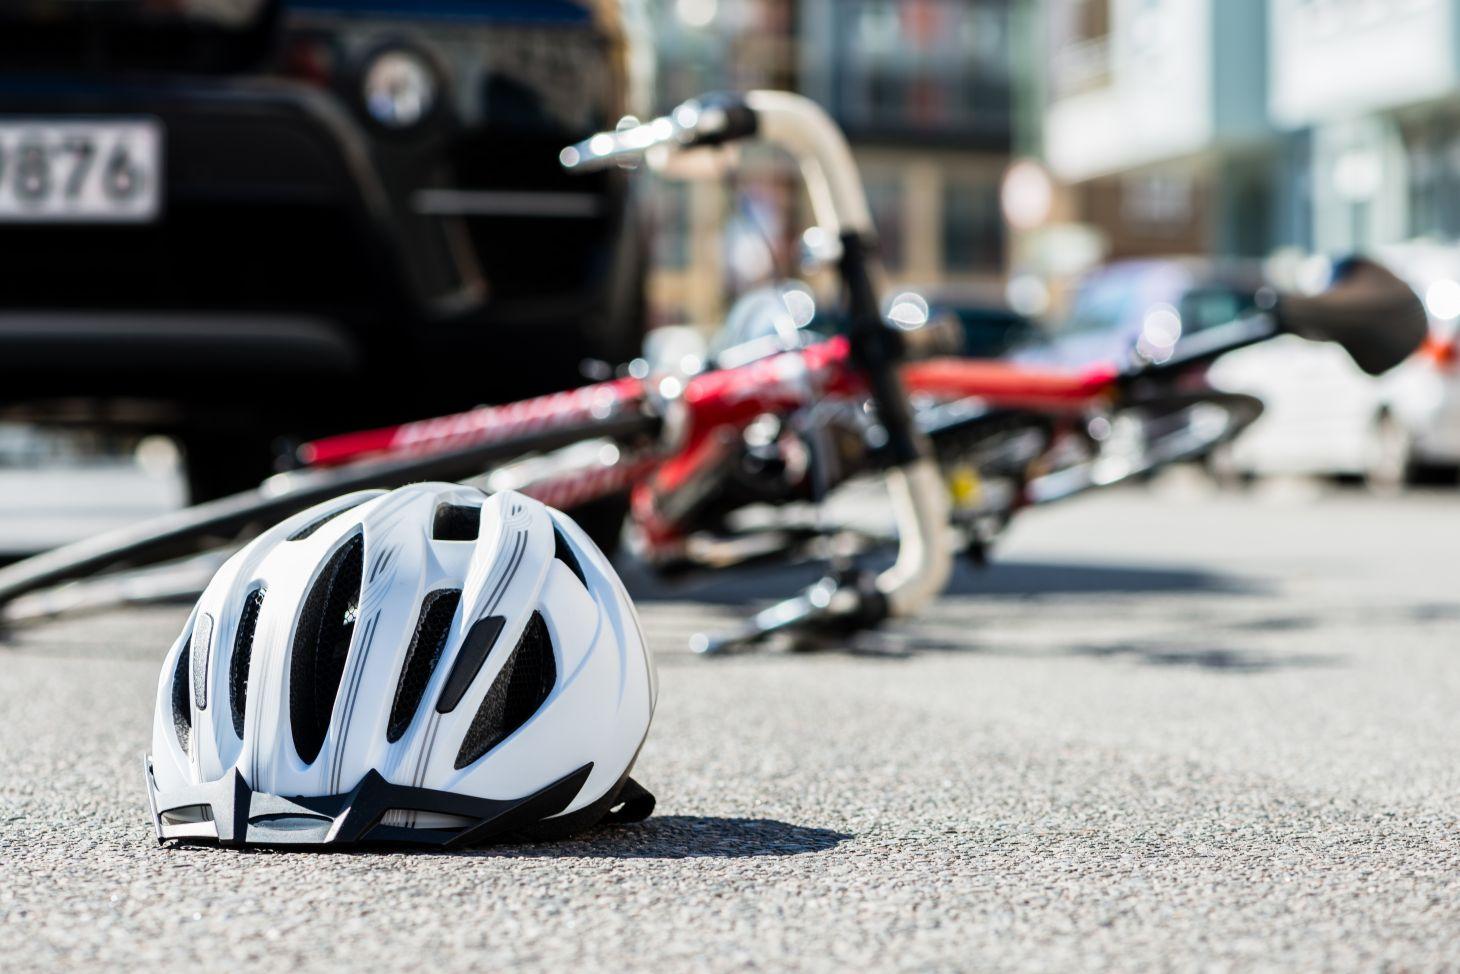 capacete e bicicleta caidos no chao com carro atras indicando acidente de transito